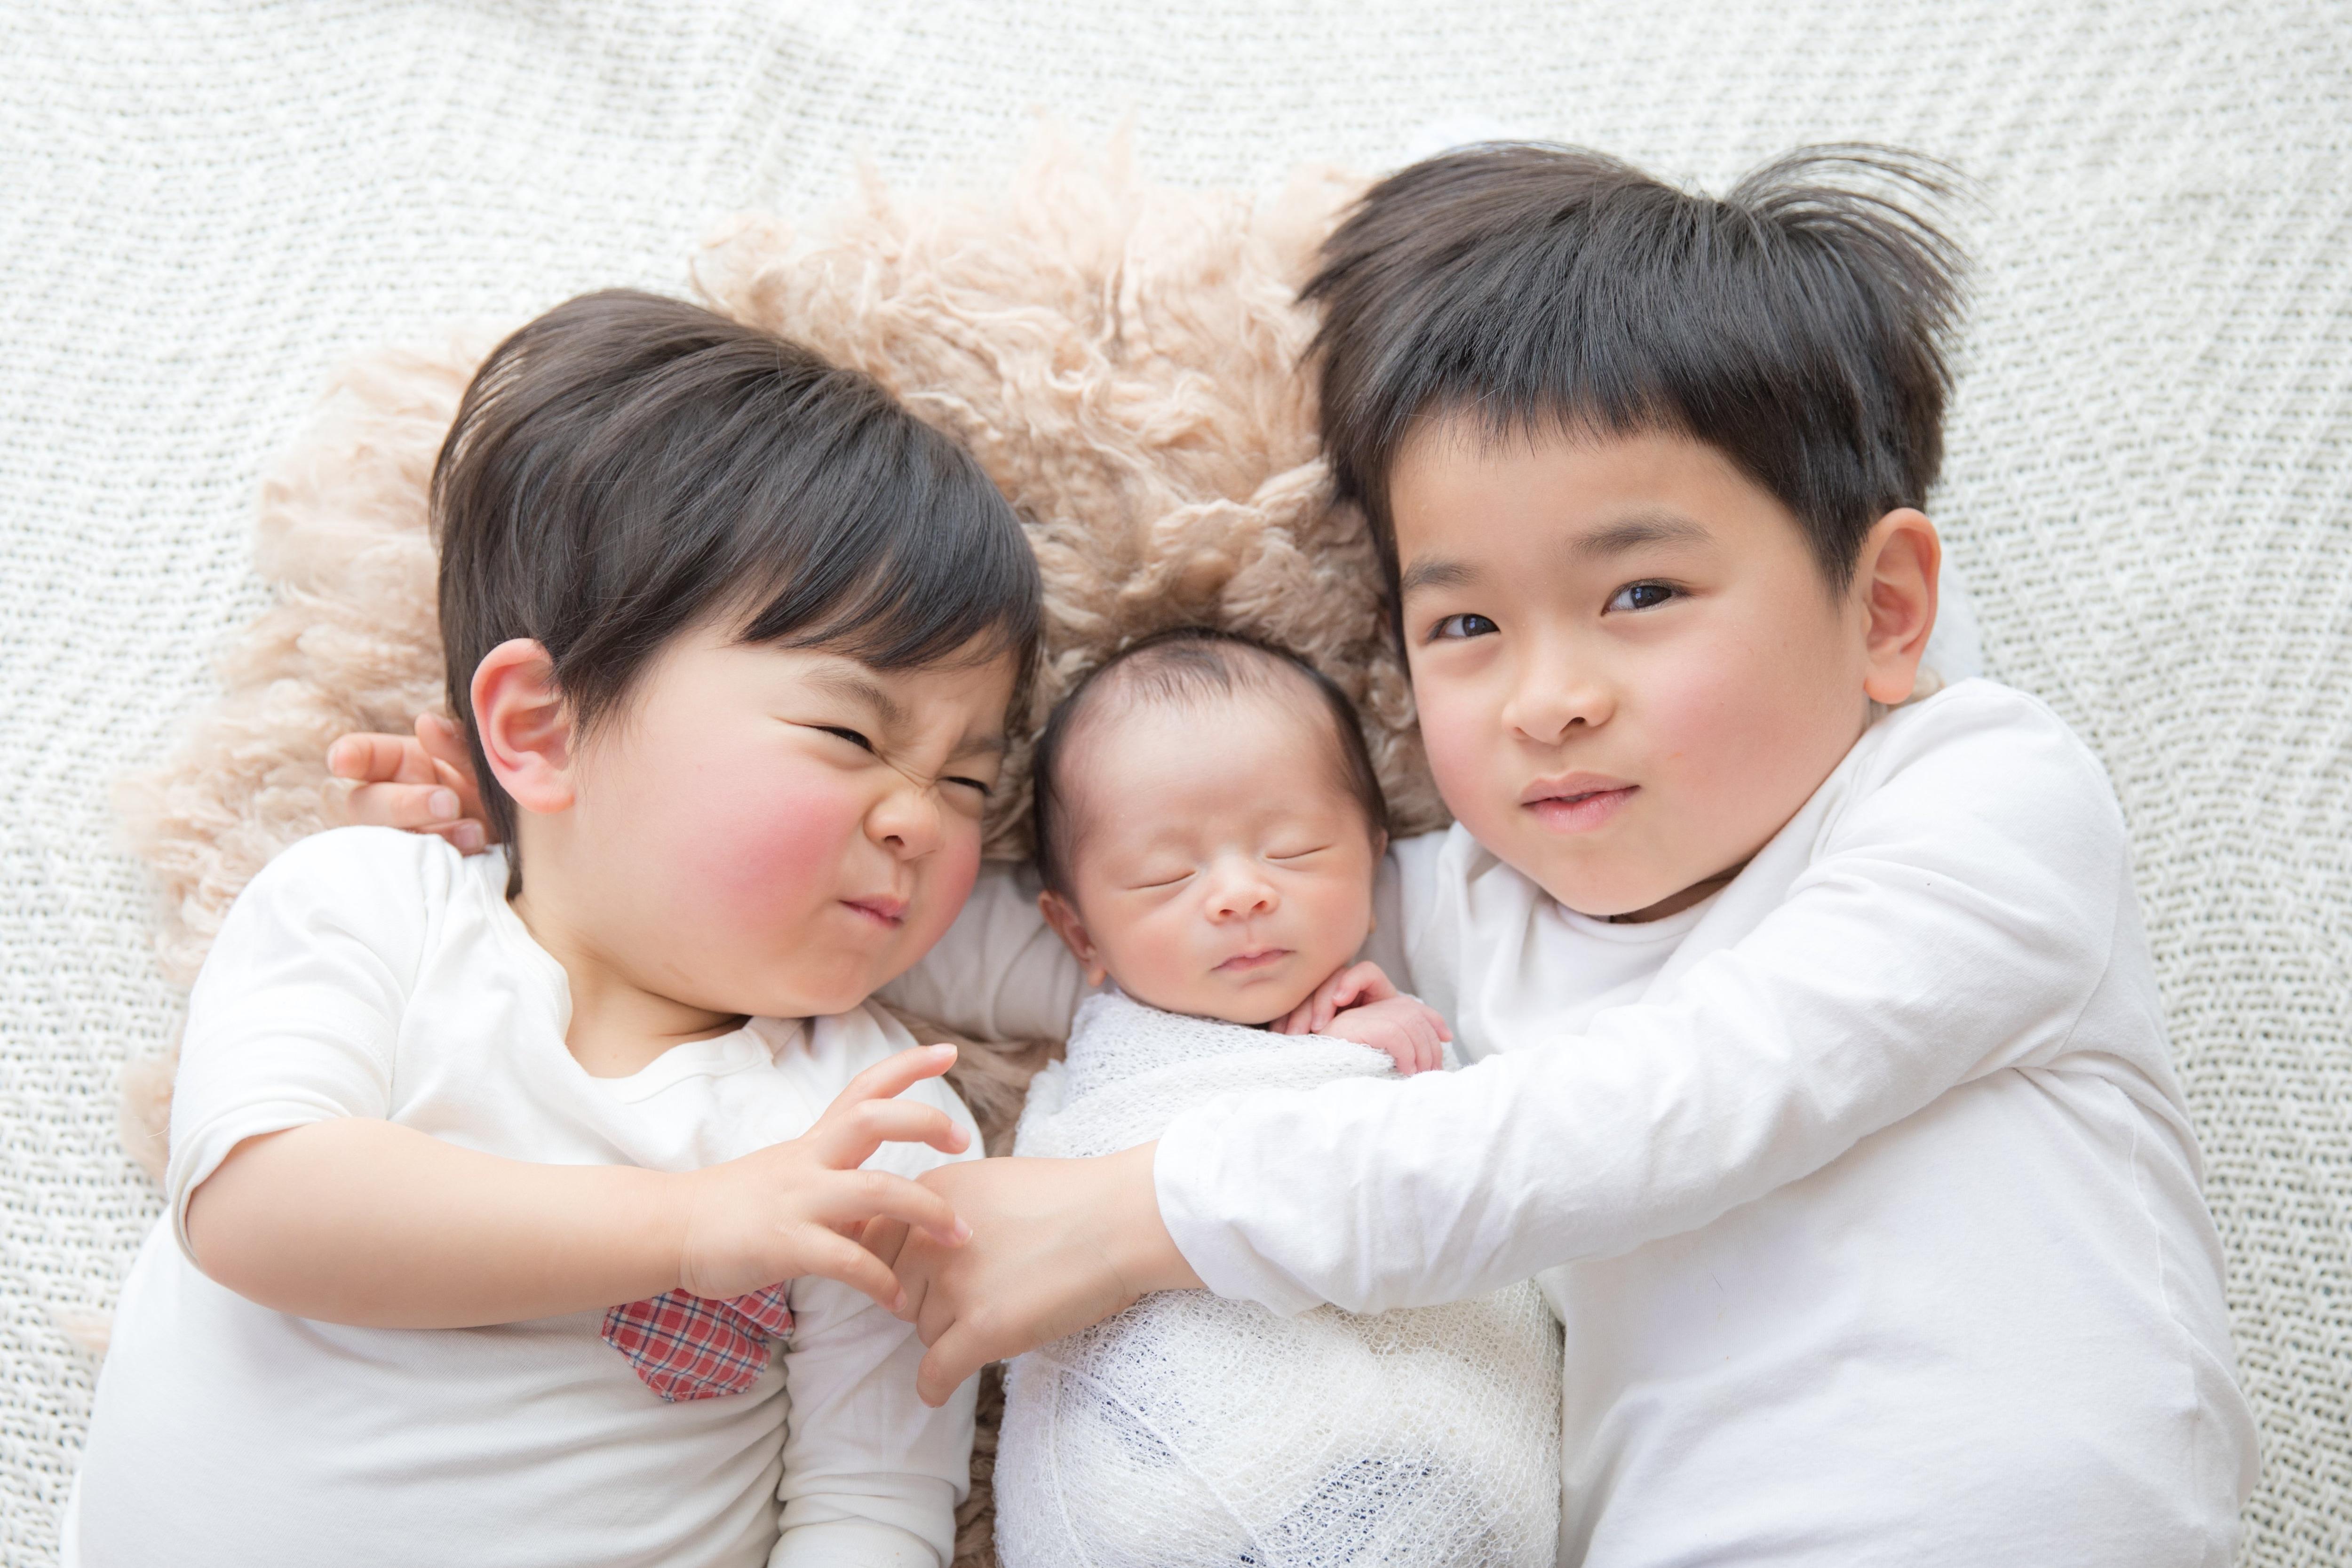 ニューボーンフォト【ベーシックプラン】生まれたての一瞬を残す!新生児写真のイメージその1